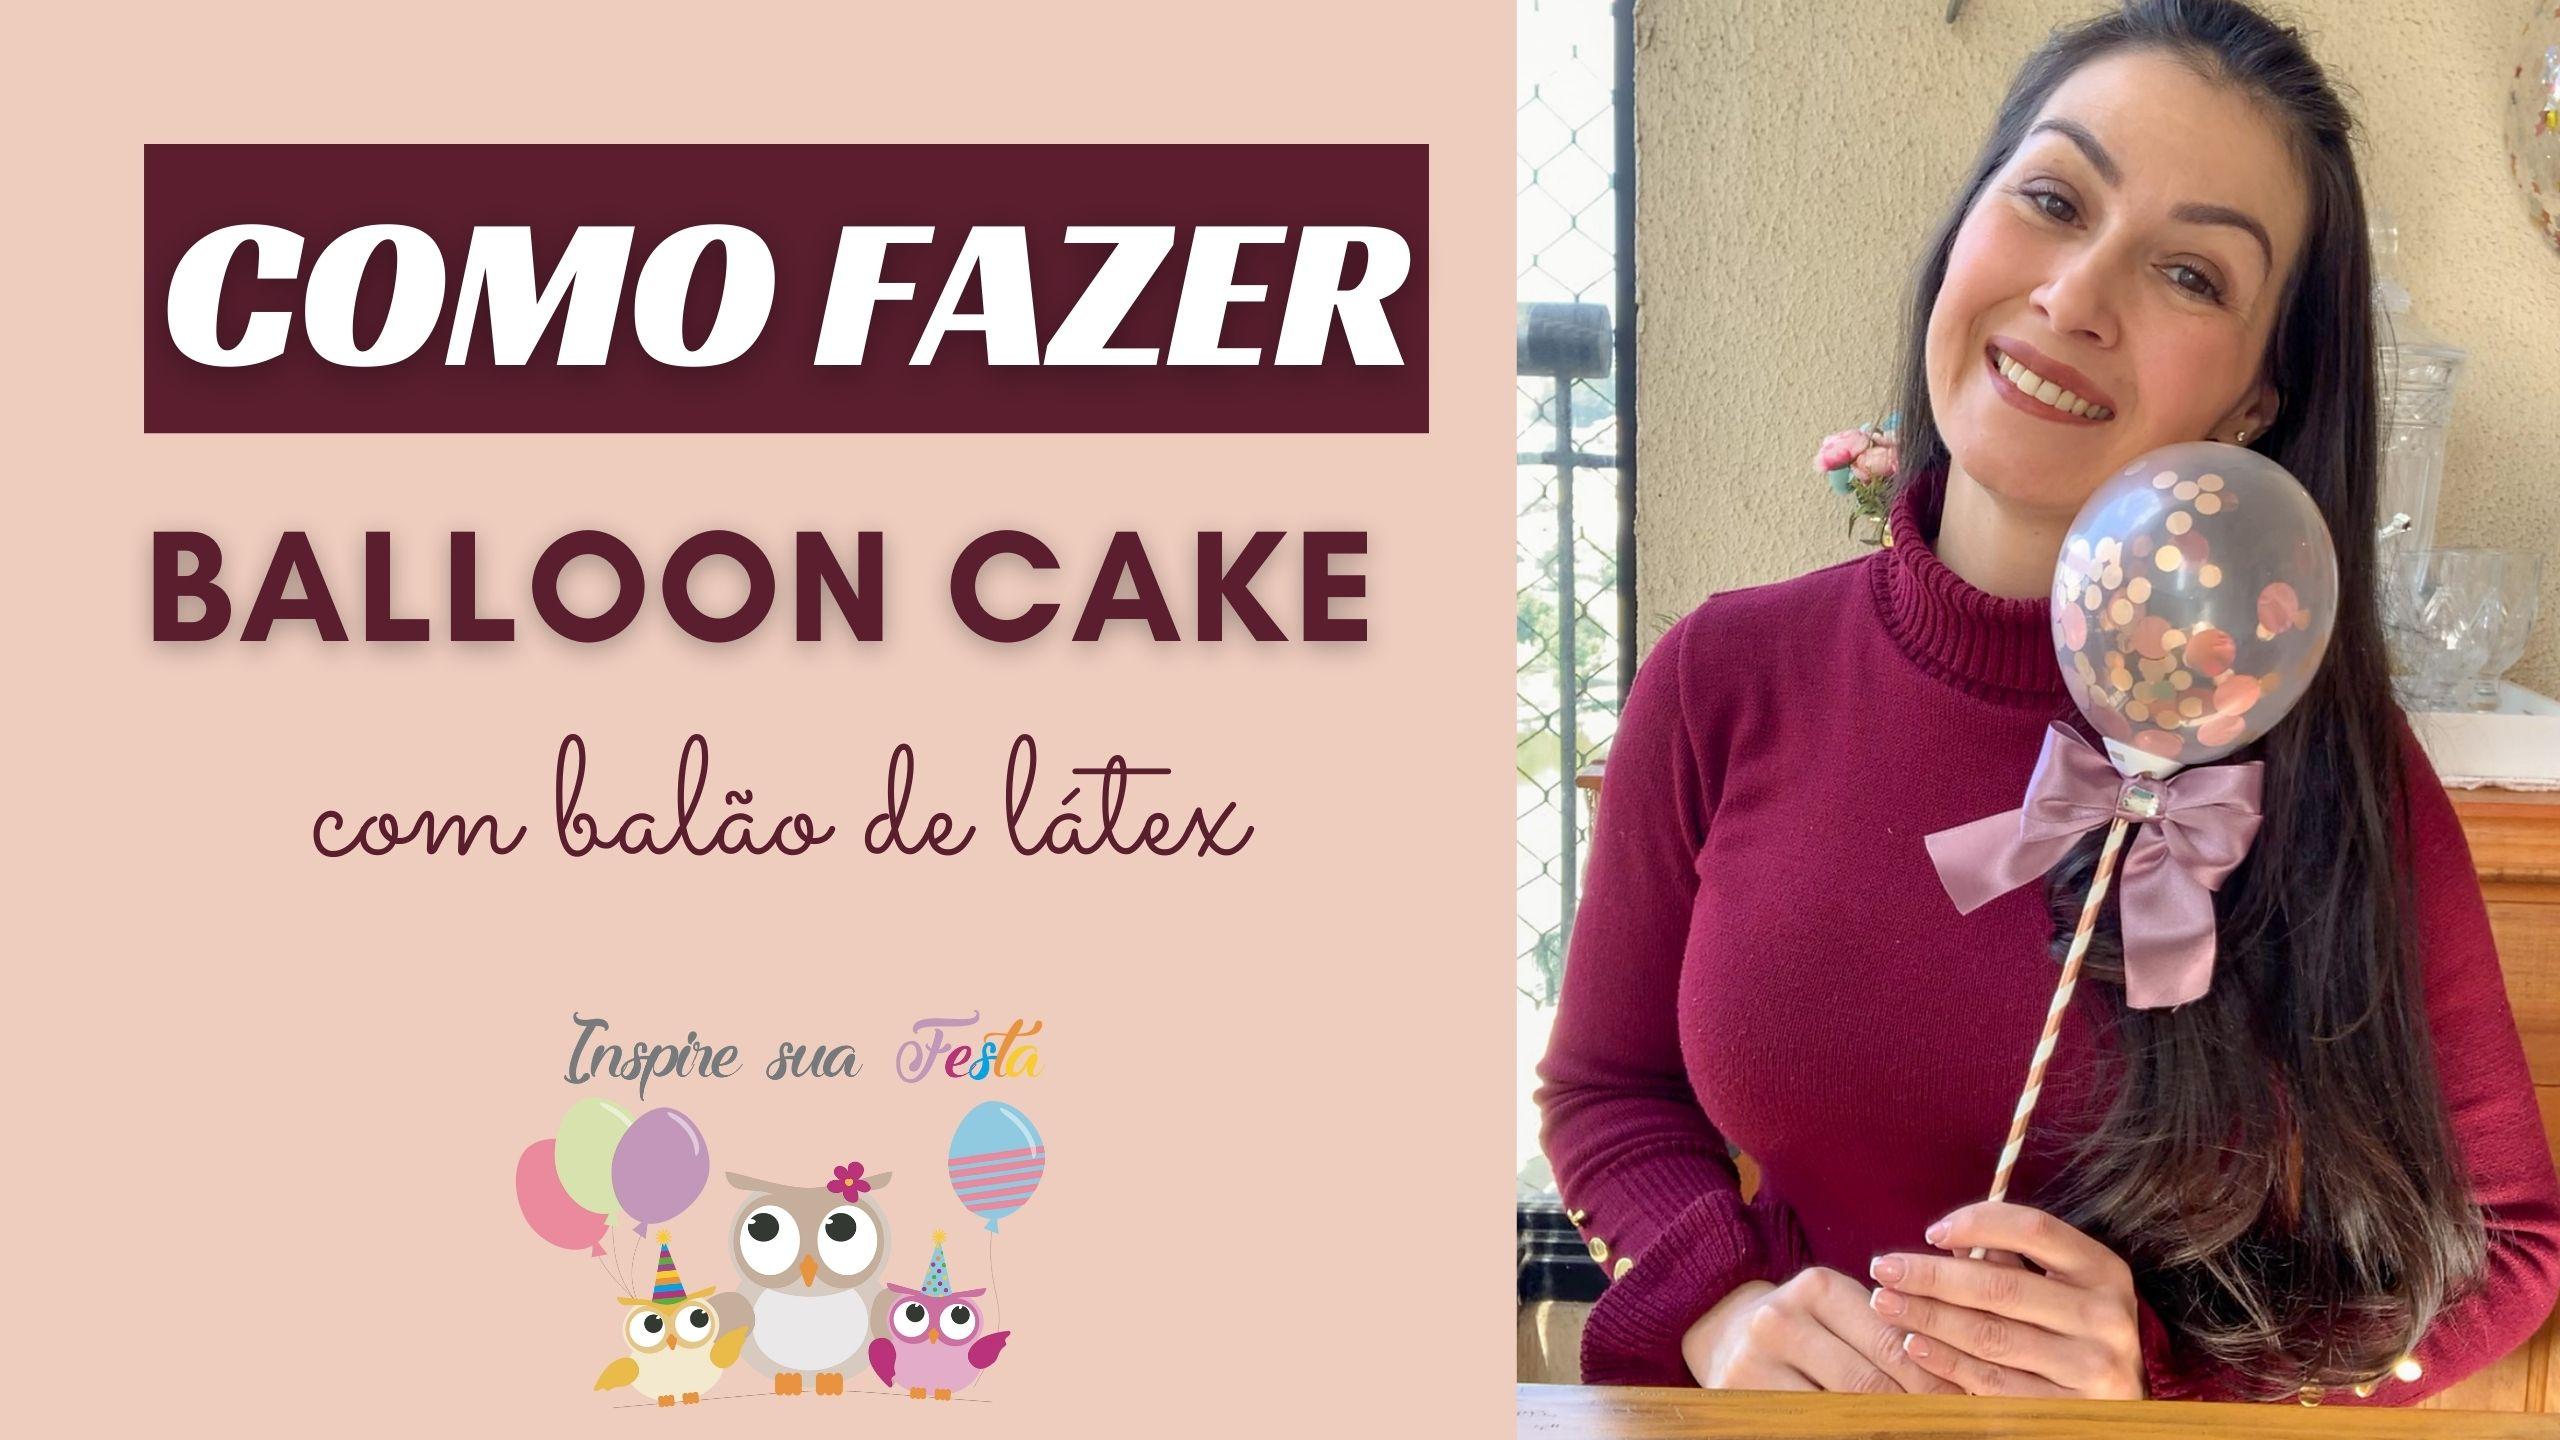 Como fazer BALLON CAKE com balão de látex